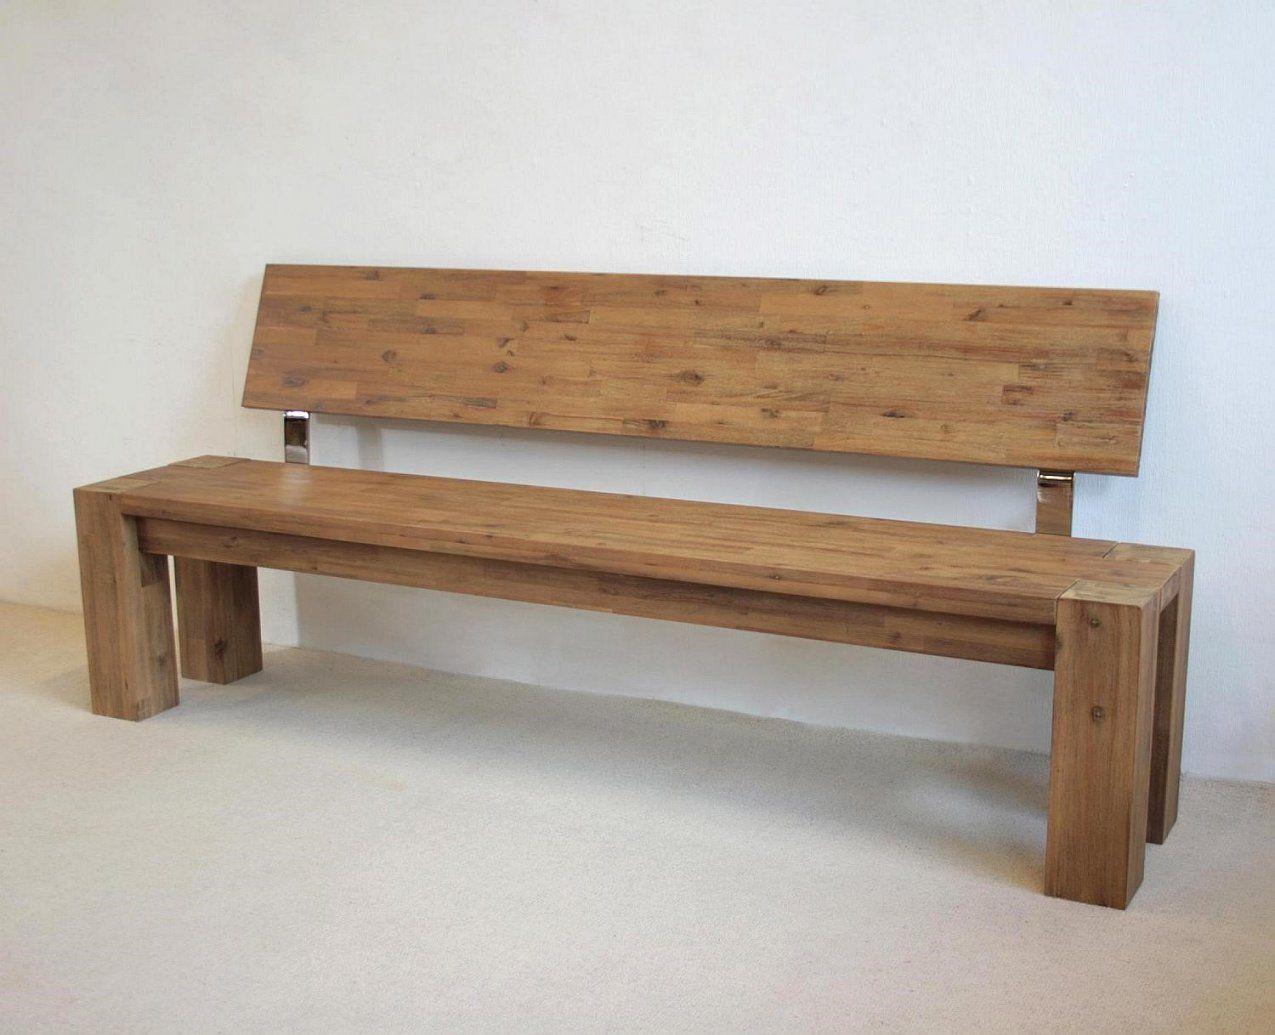 Esszimmer Trefflich Esszimmer Bank Holz Design Gepflegt von Esszimmerbank Mit Lehne Holz Photo